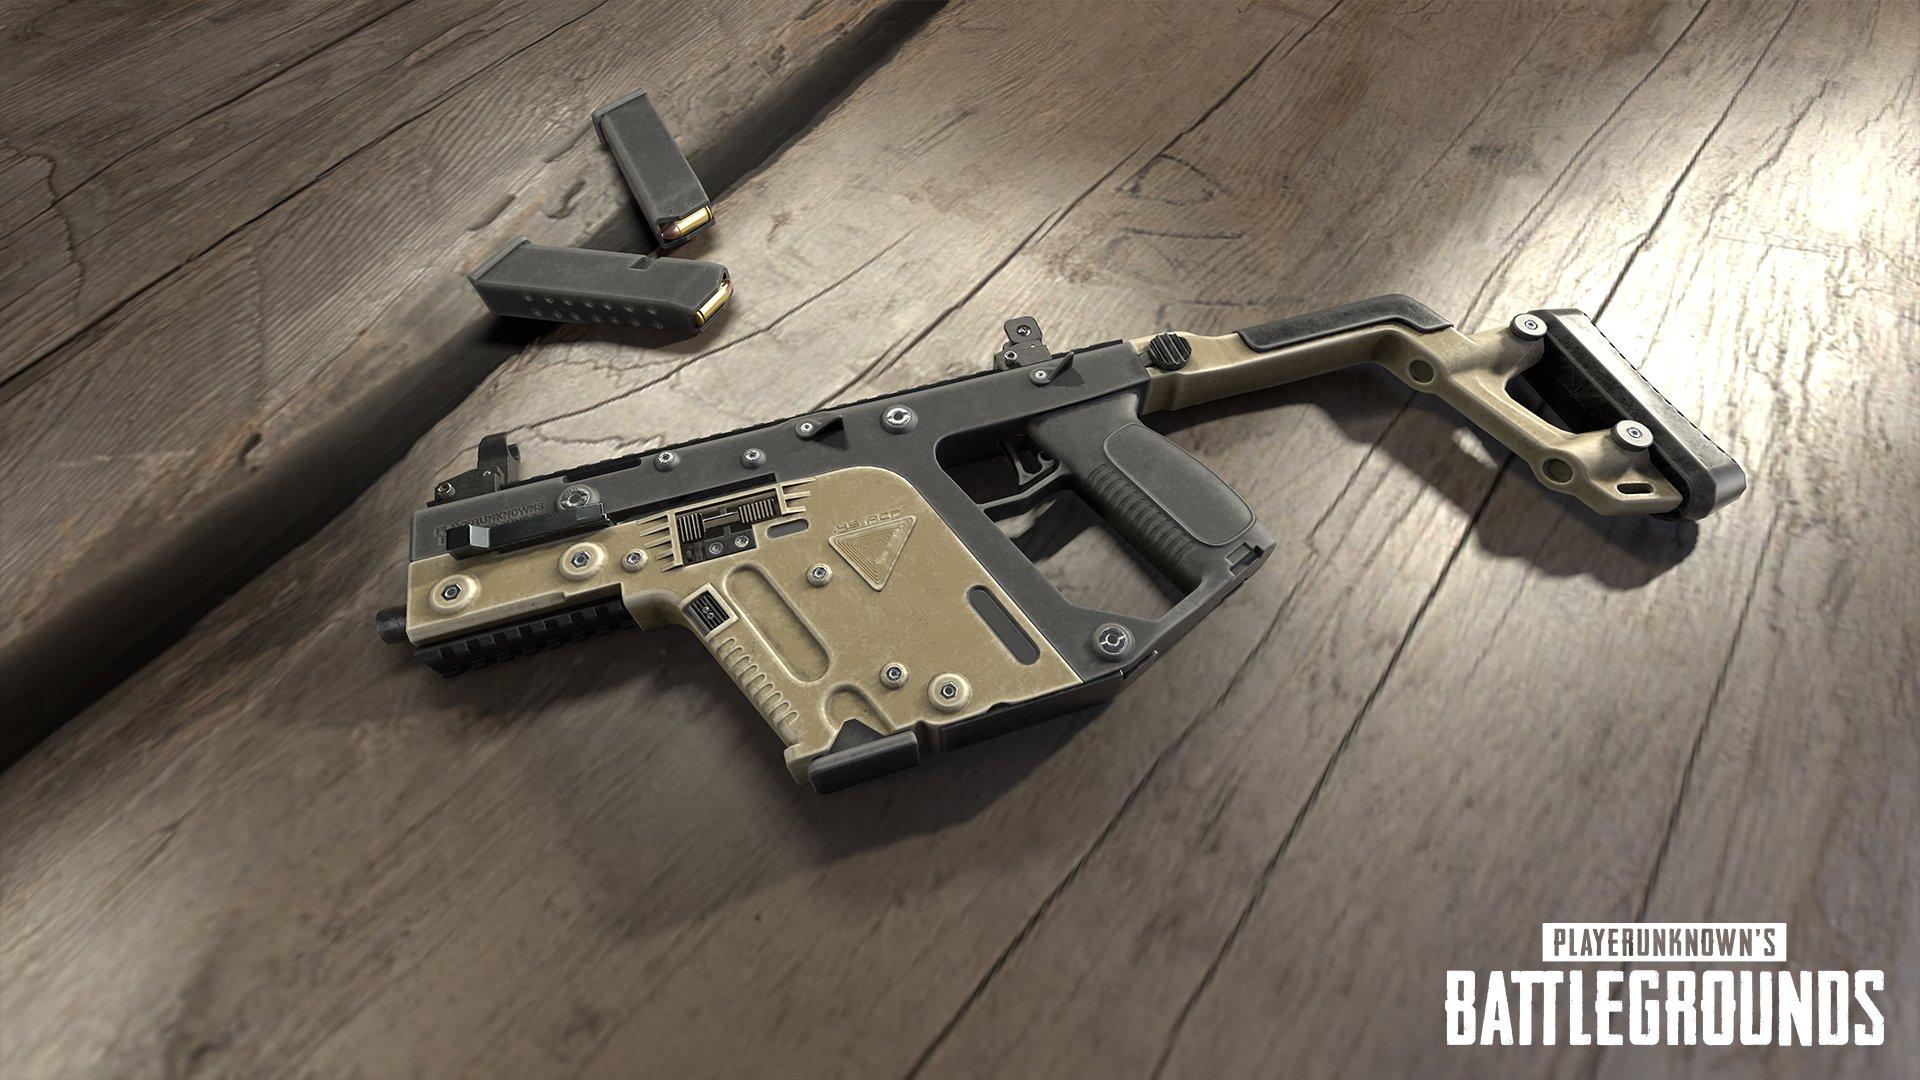 PlayerUnknown's Battlegrounds Art